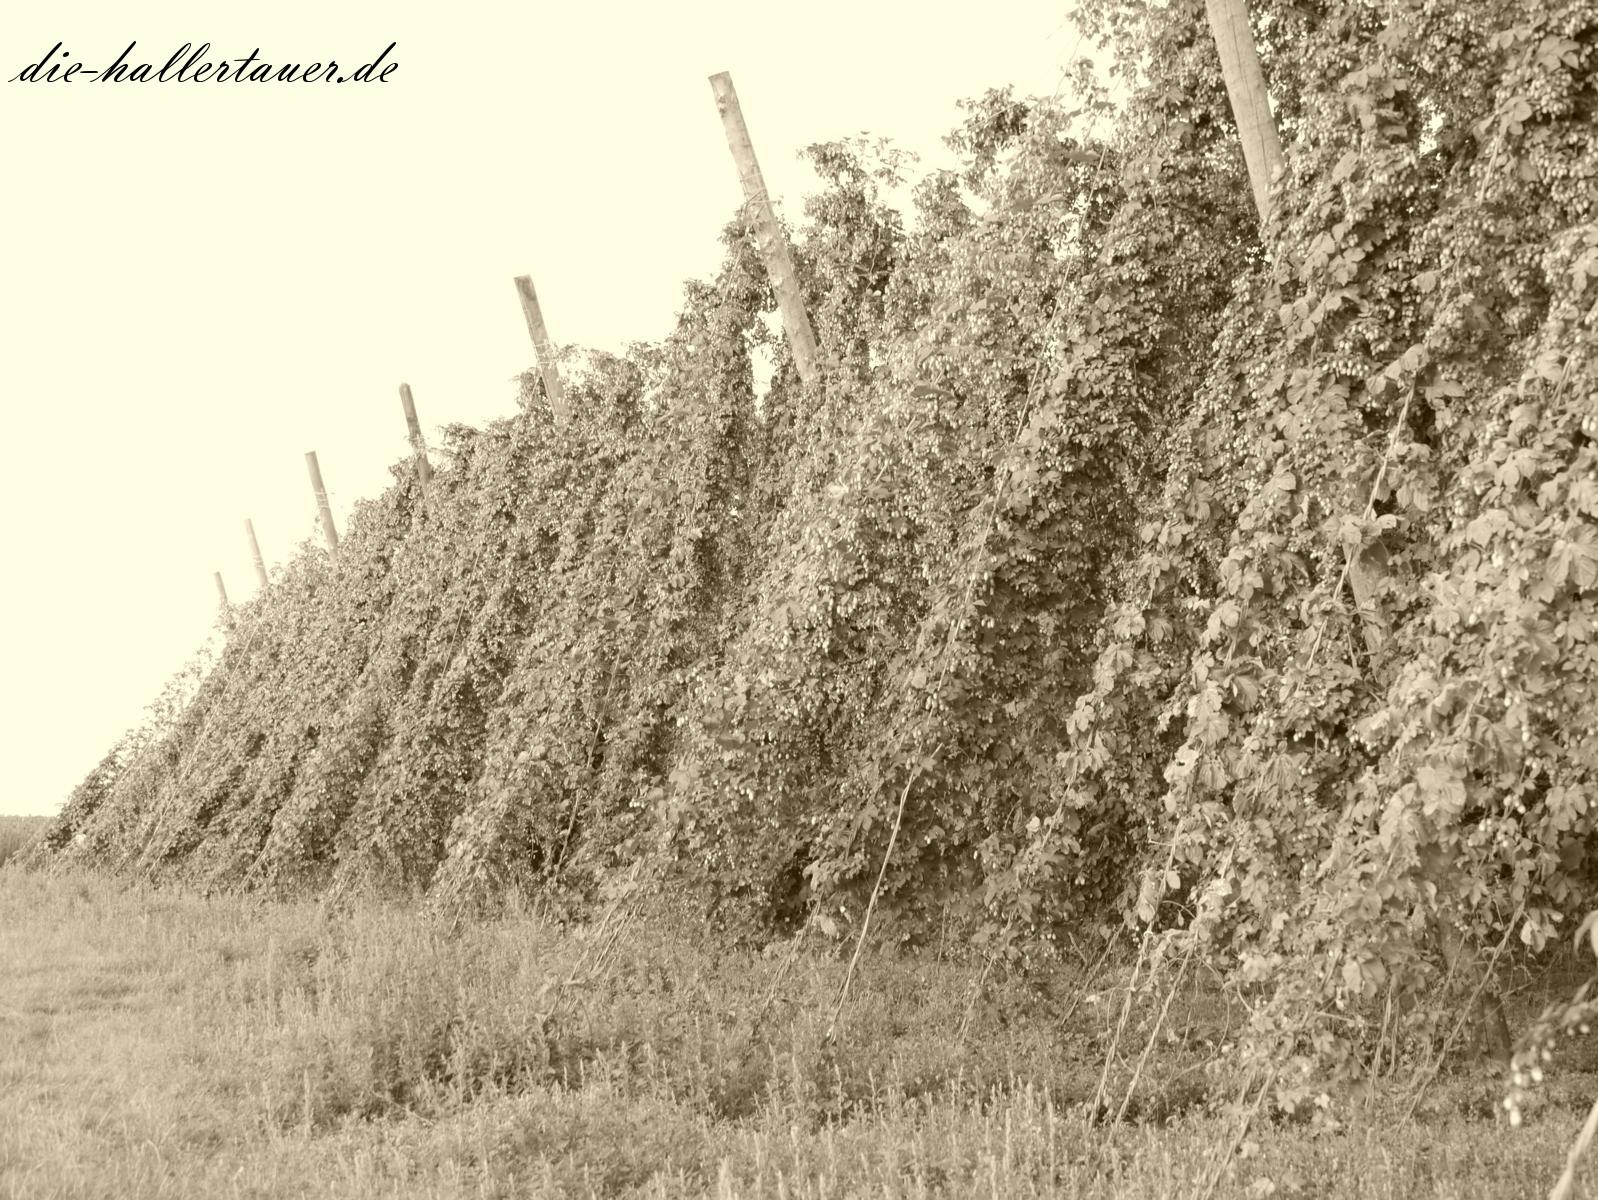 Hopfengarten von früher